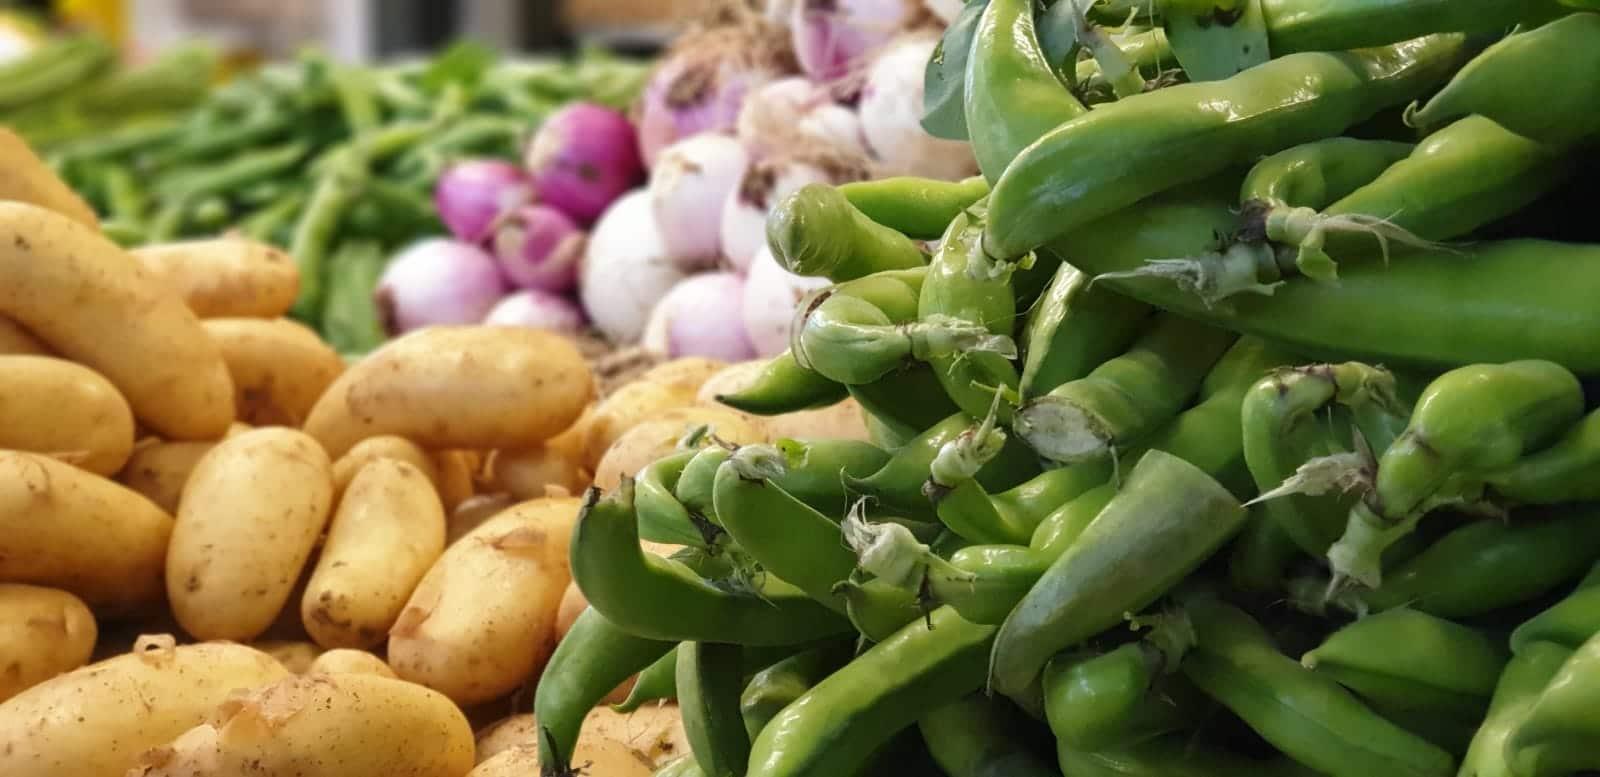 Consumi: vola frutta e verdura, +1 mld di kg in 10 anni